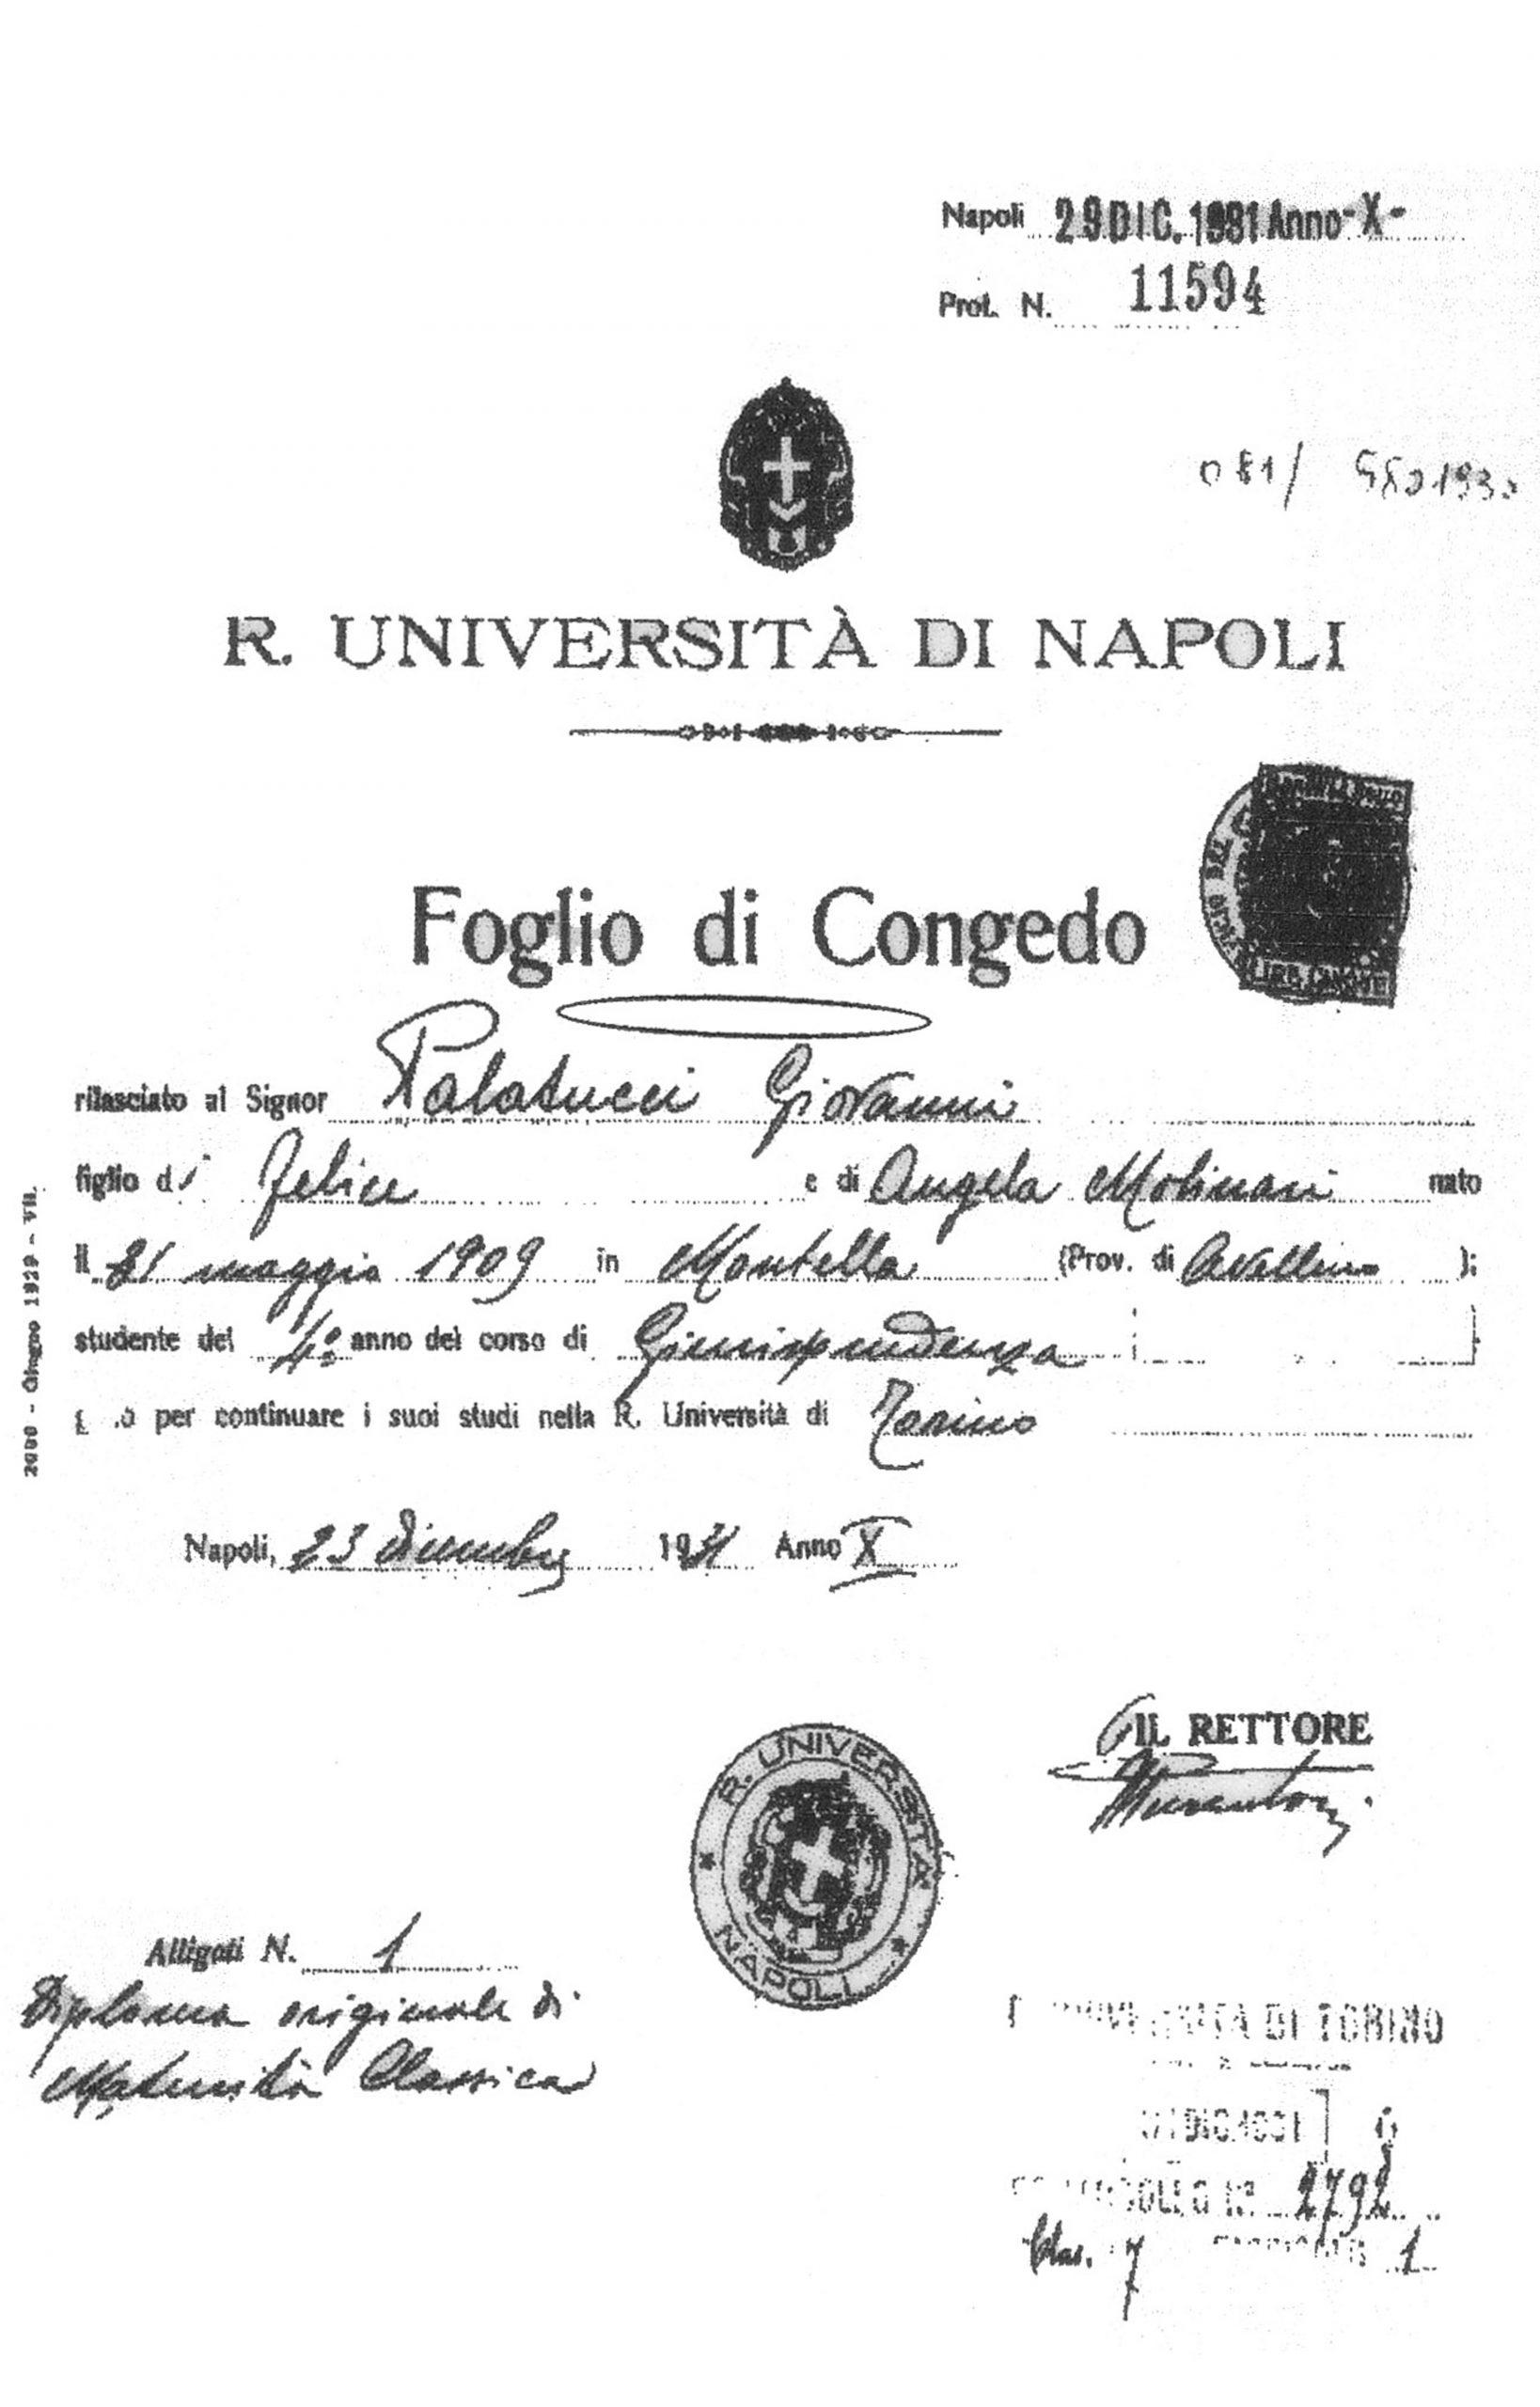 Foglio di congedo dell'Università di Giovanni Palatucci